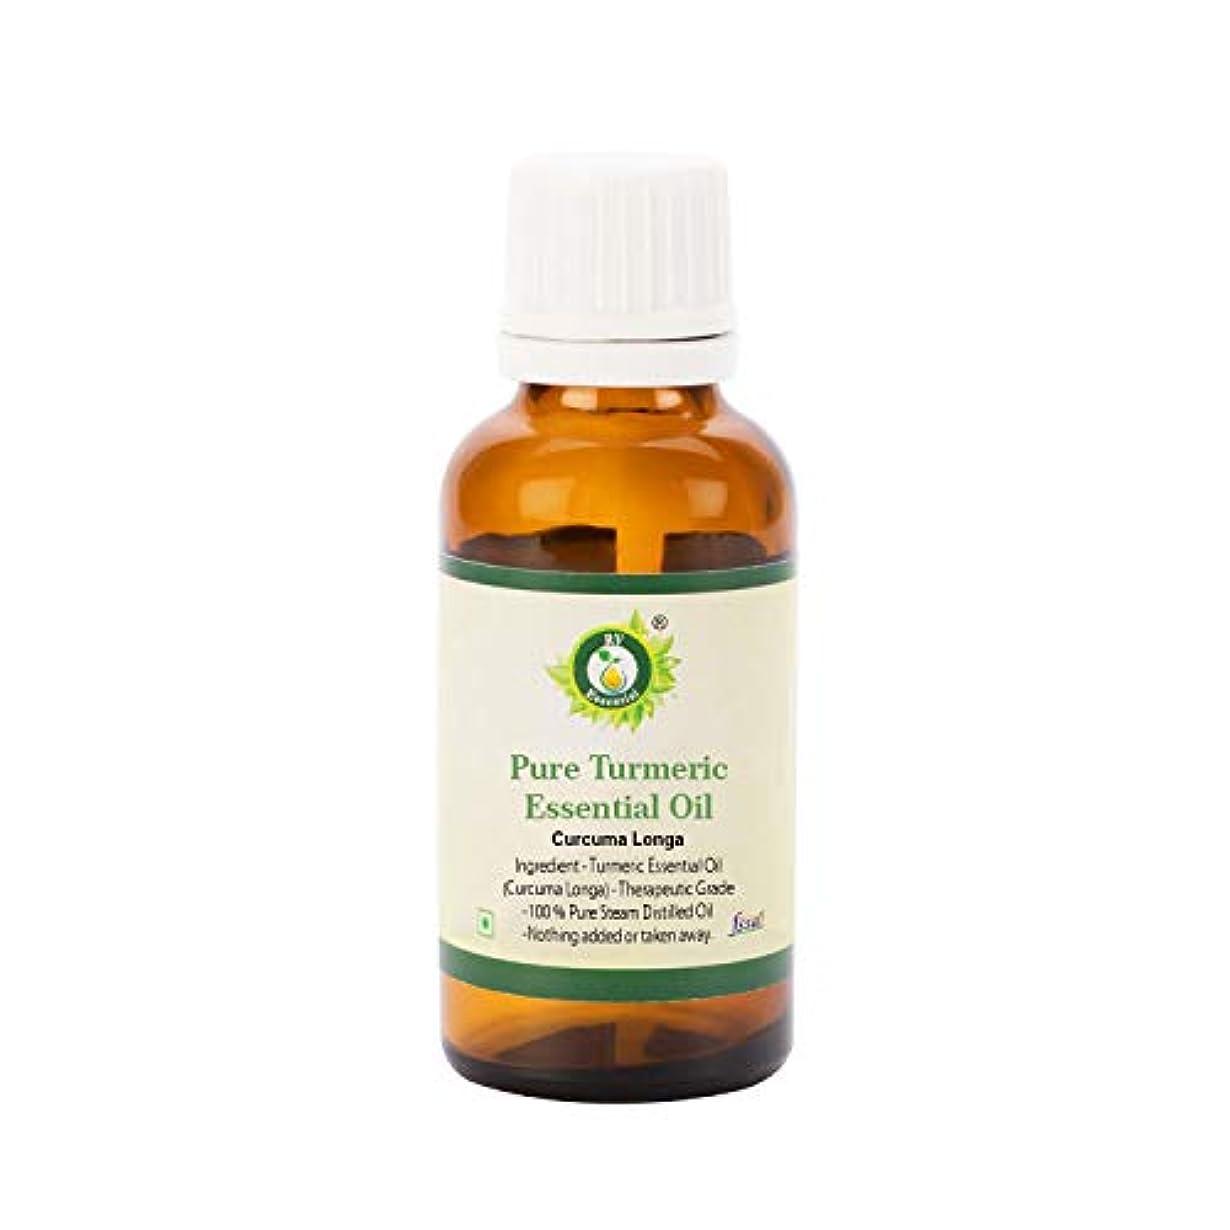 弾性限界掃くR V Essential 純粋なウコン精油50ml (1.69oz)- Curcuma Longa (100%純粋&天然スチームDistilled) Pure Turmeric Essential Oil